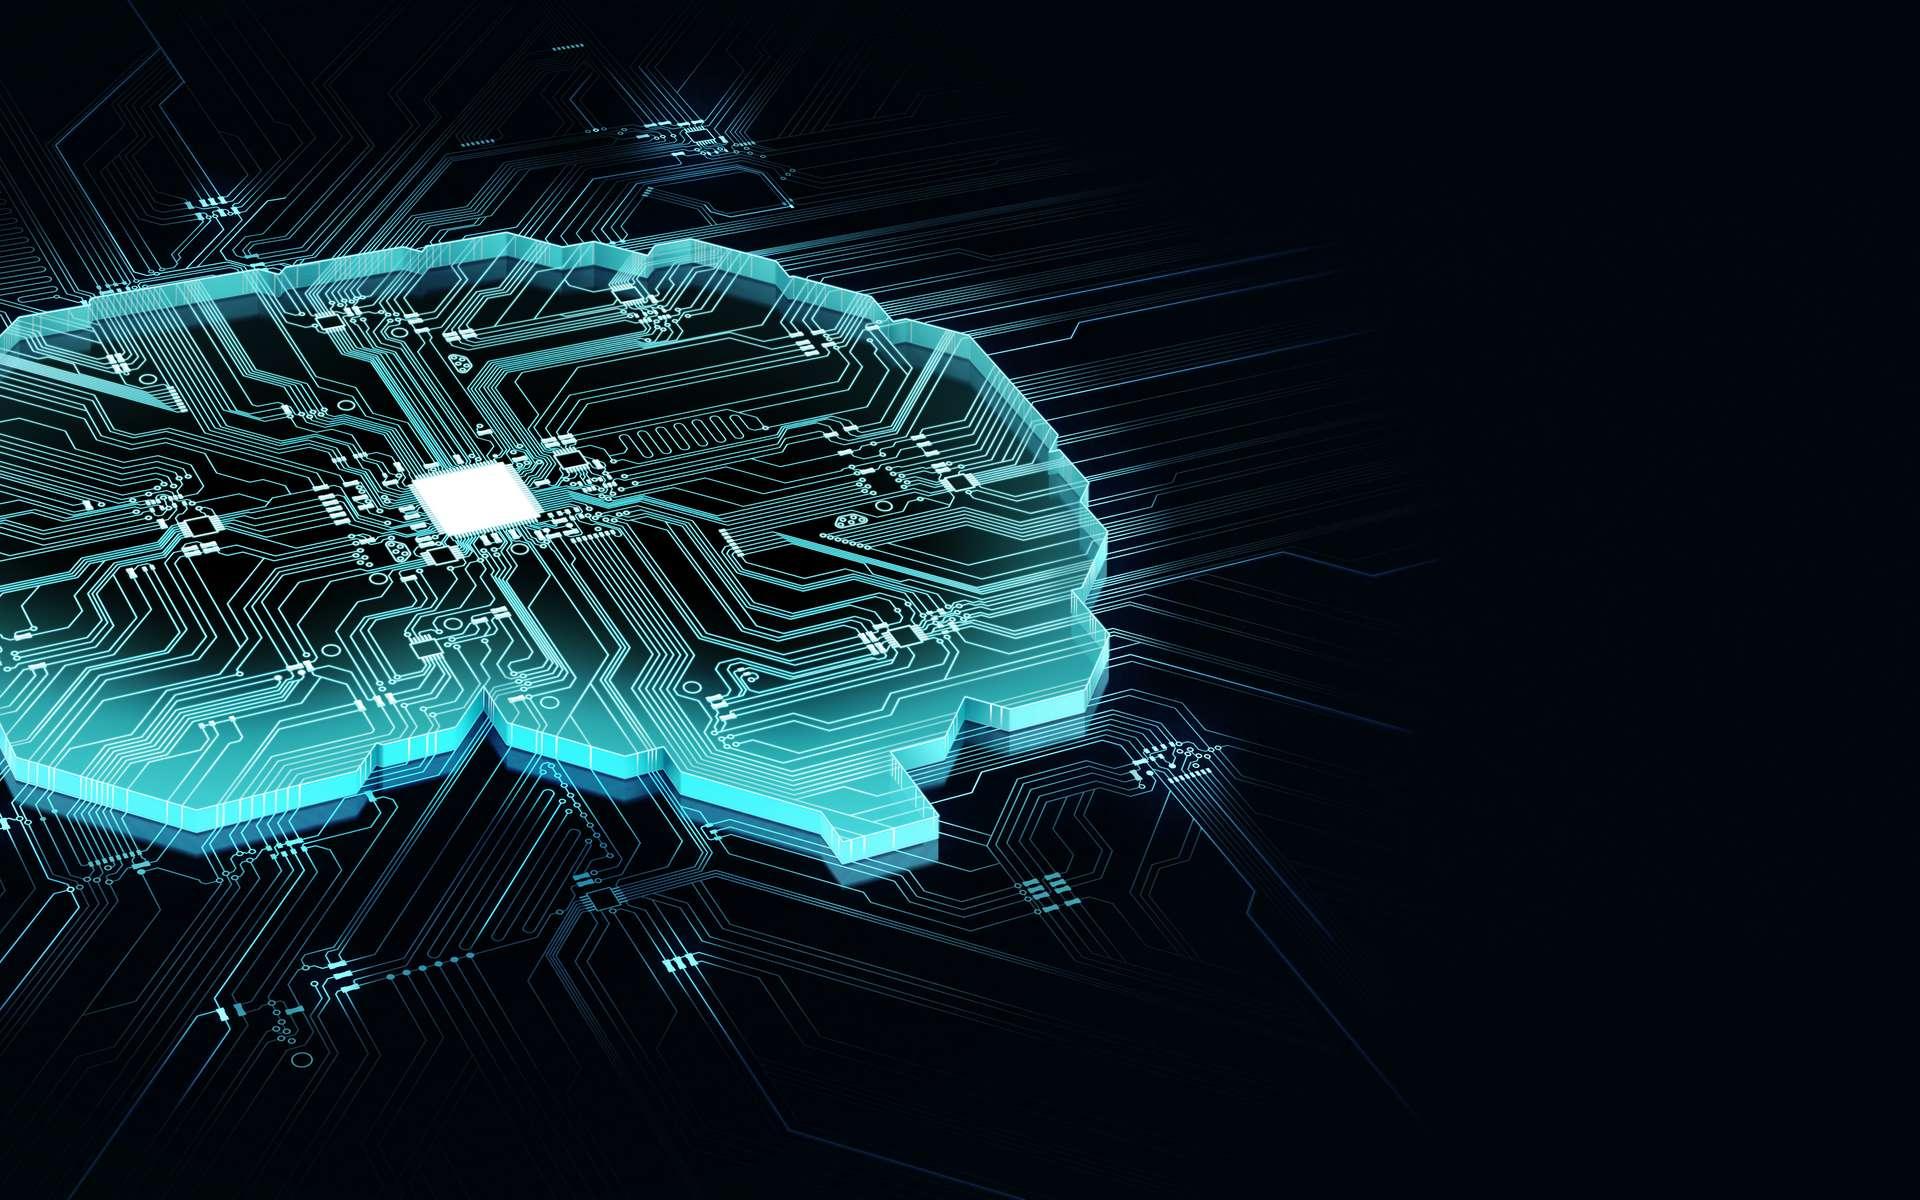 Schéma très simplifié d'un réseau neuronal. Les deux neurones de gauche (en vert) reçoivent les informations. Le traitement de ces données est déterminé par leurs connexions avec les neurones internes (en bleu). Les neurones qui reçoivent une donnée sont activés. L'information finale est envoyée sur le dernier neurone (en jaune) ou sur l'organe effecteur (un moteur par exemple). © Adobe Stock, Lee